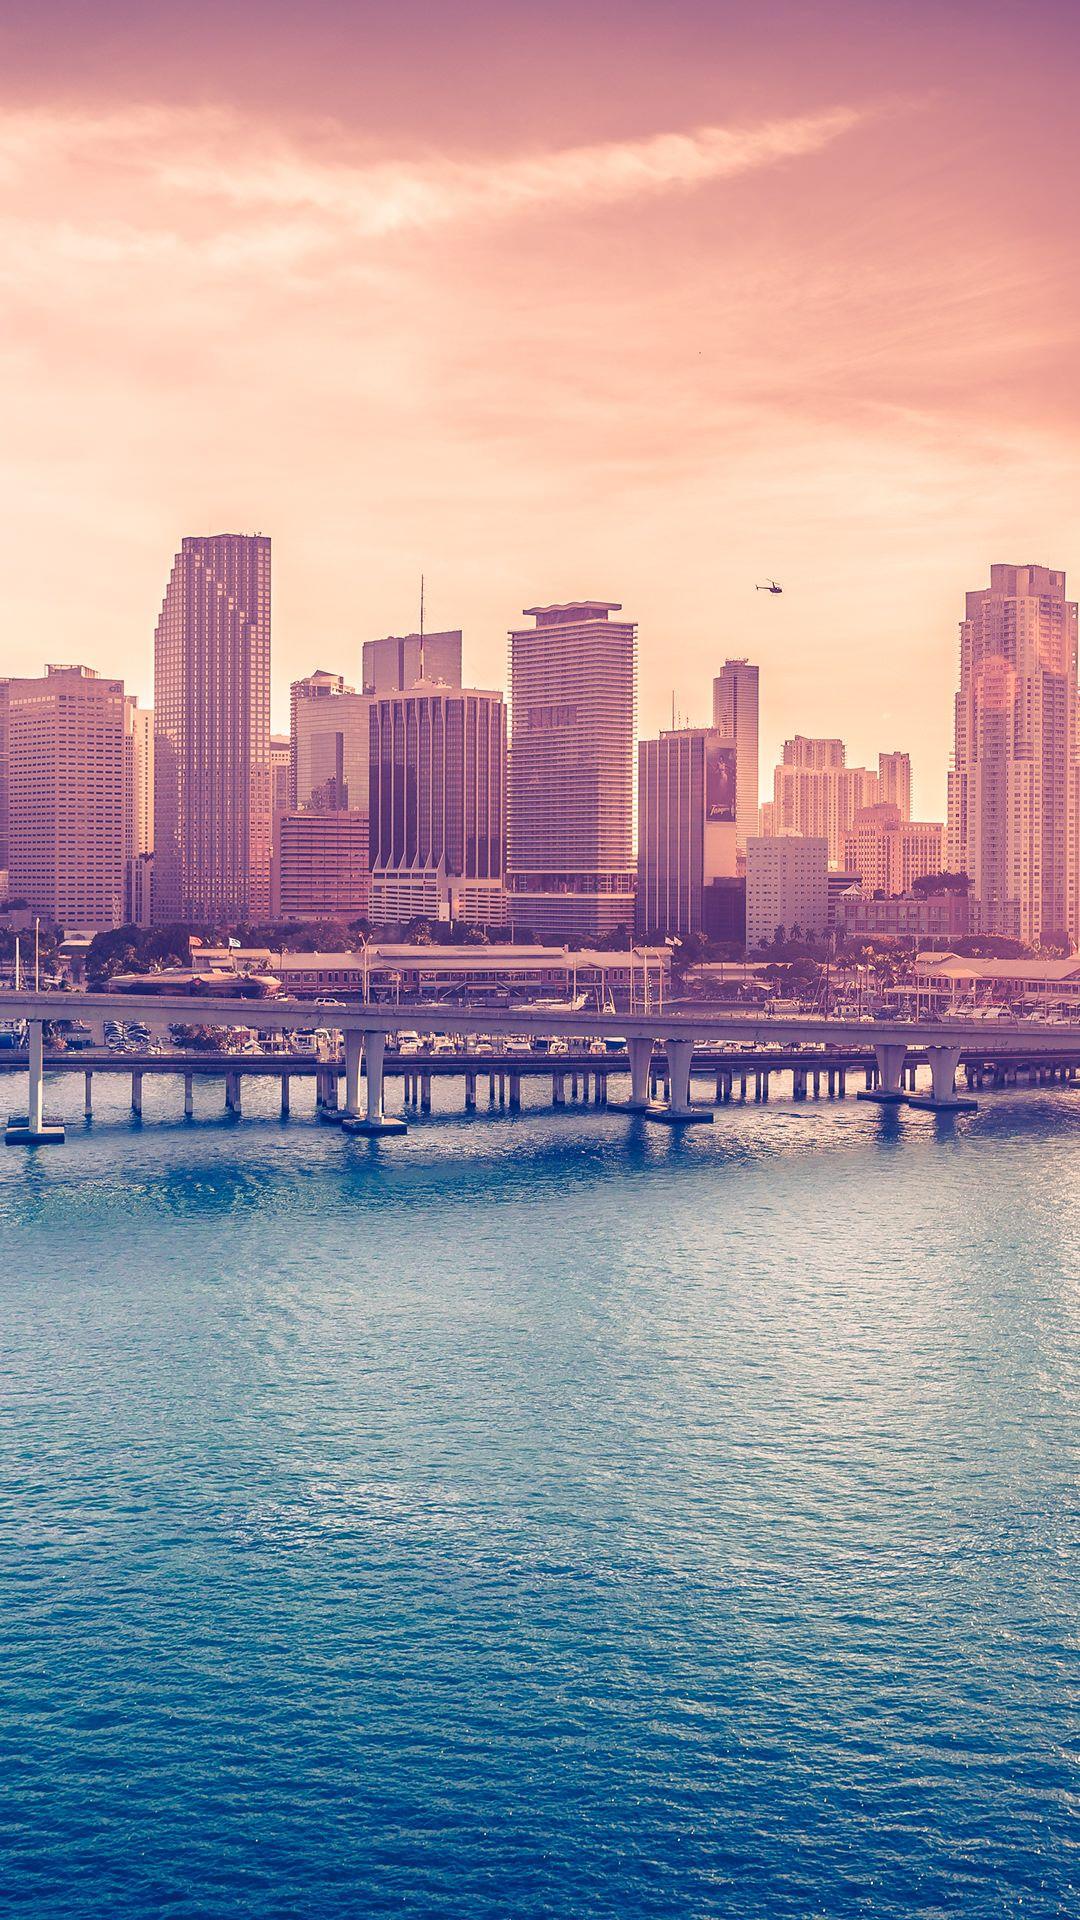 海沿いの大都会 iPhone6 Plus 壁紙 携帯電話の背景, 風景, 壁紙